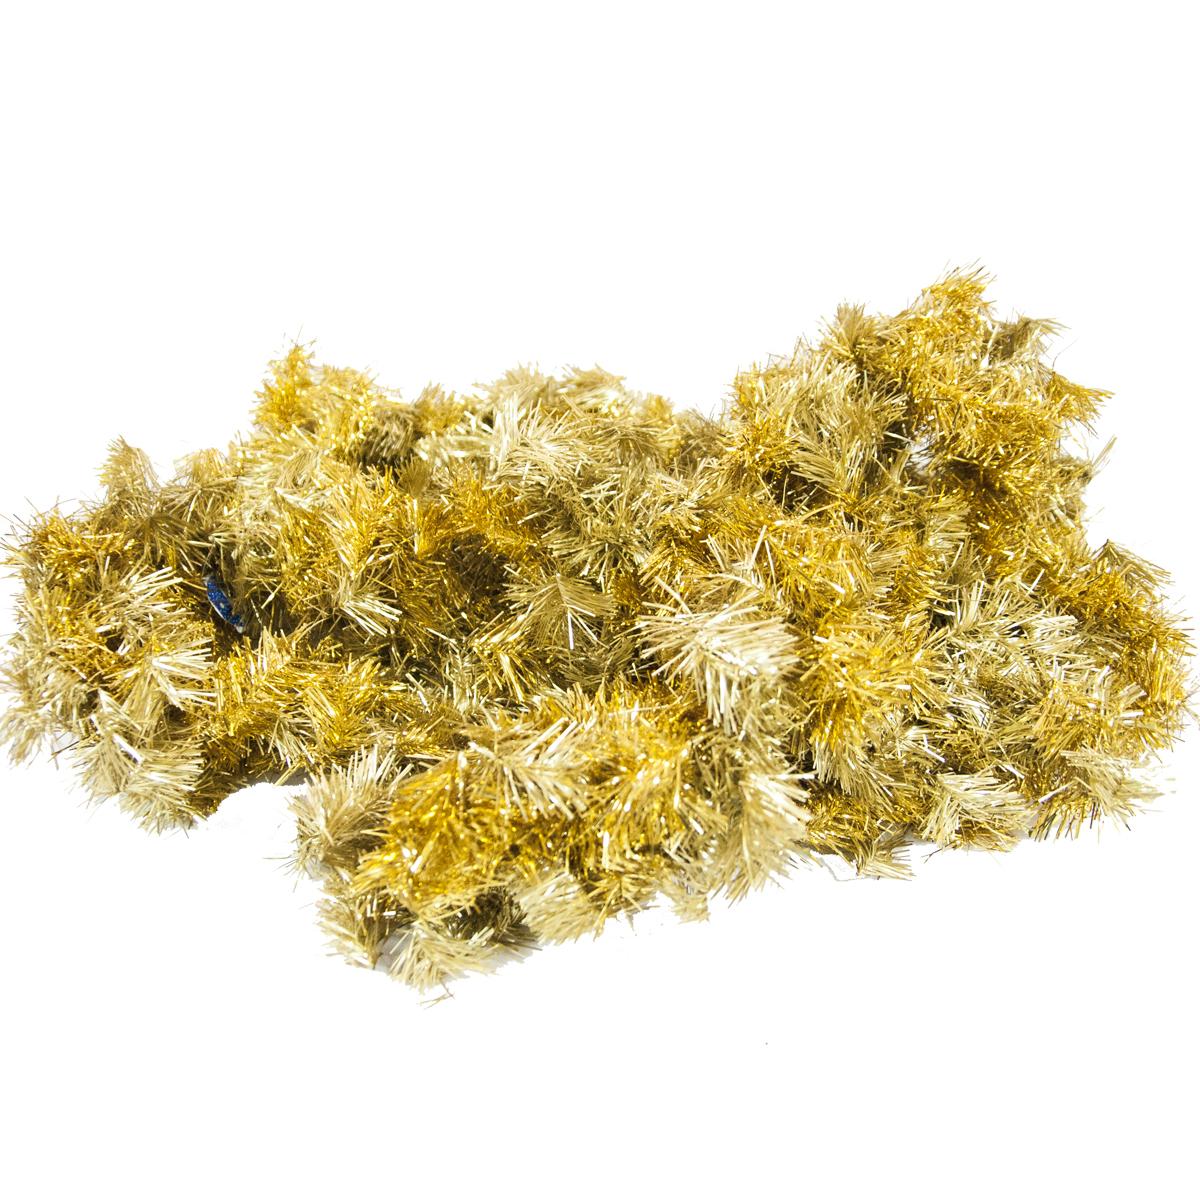 Гирлянда новогодняя хвойная  Moranduzzo , цвет: золотистый, диаметр 20 см, длина 275 см - Украшения